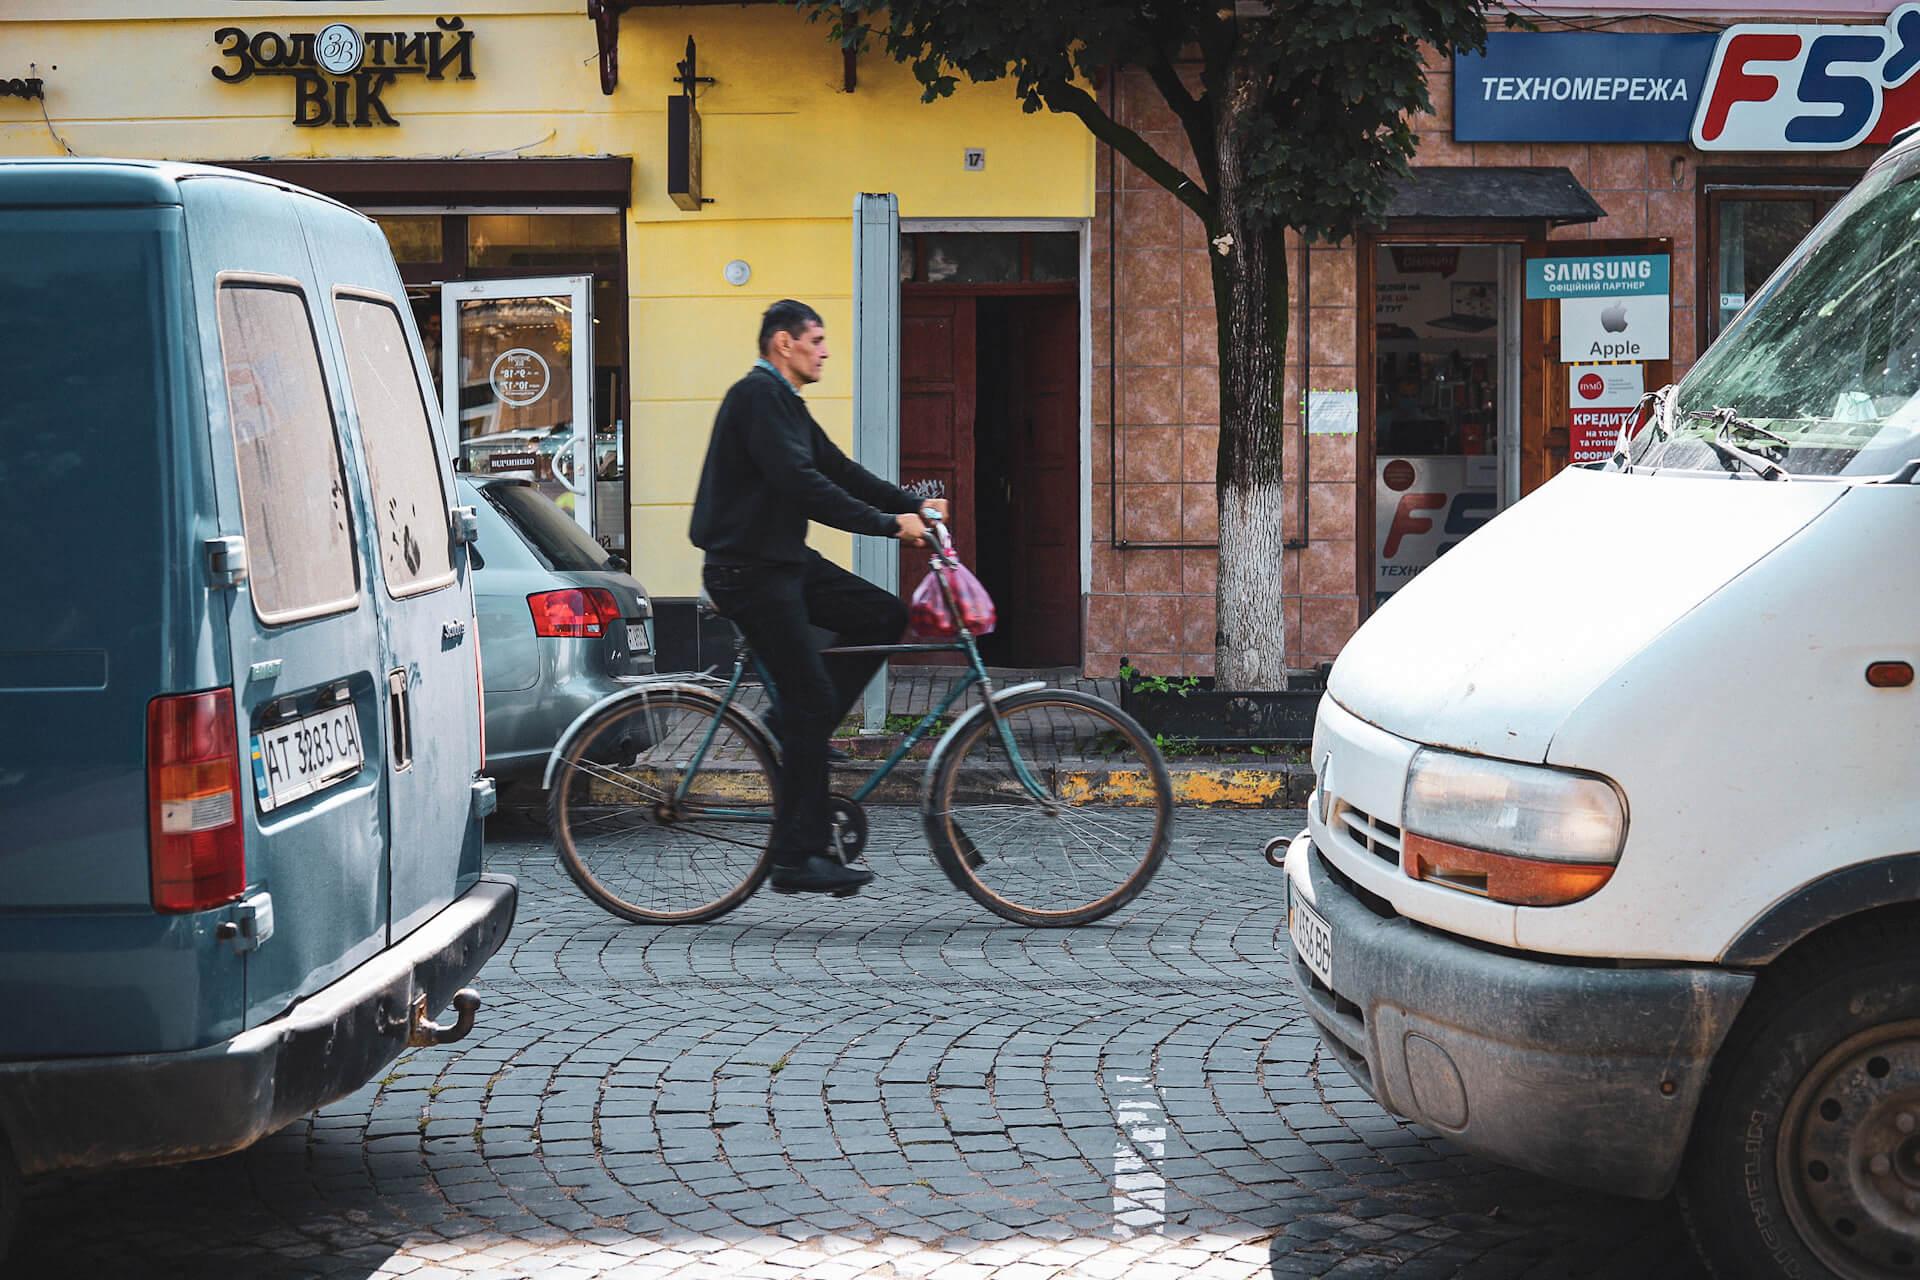 Як живеться коломиянам без велодоріжок і що планує міська влада?